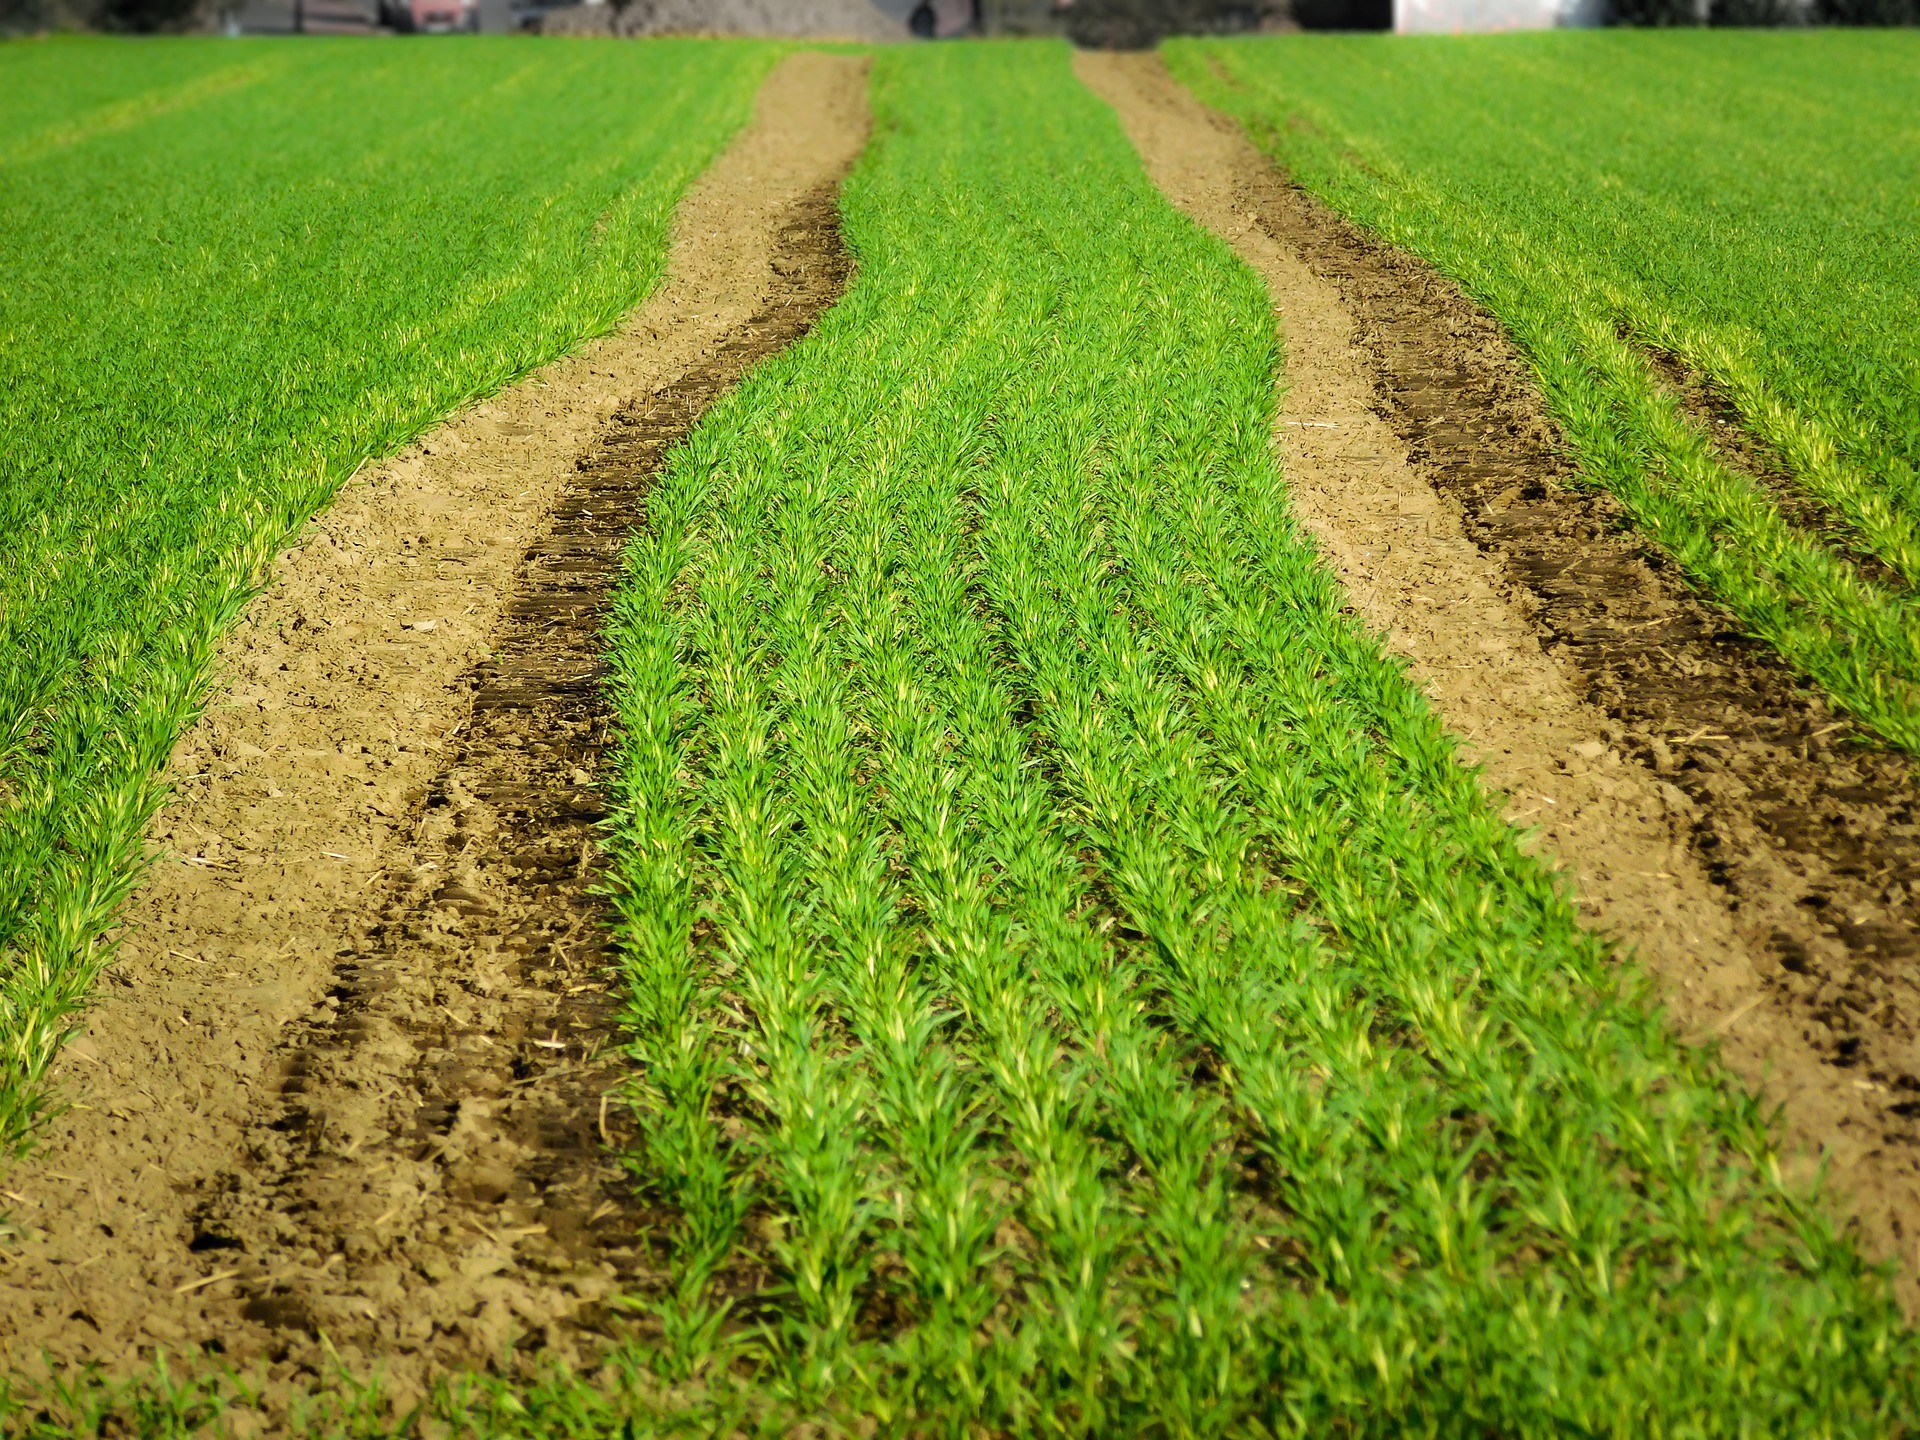 Ziemia - uprawy